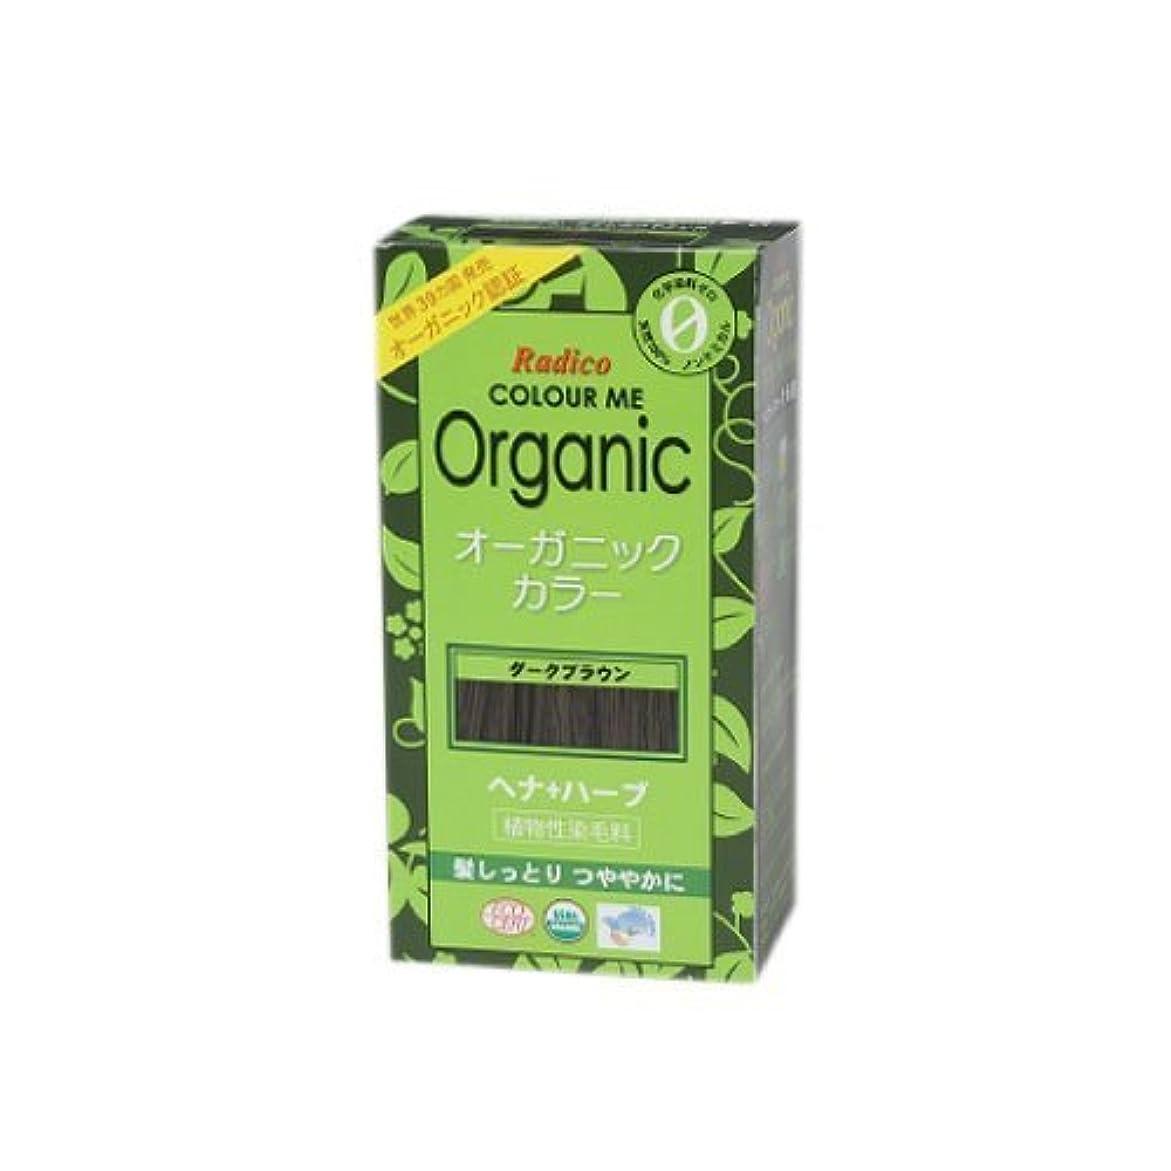 カメ専門用語ひらめきCOLOURME Organic (カラーミーオーガニック ヘナ 白髪用) ダークブラウン 100g